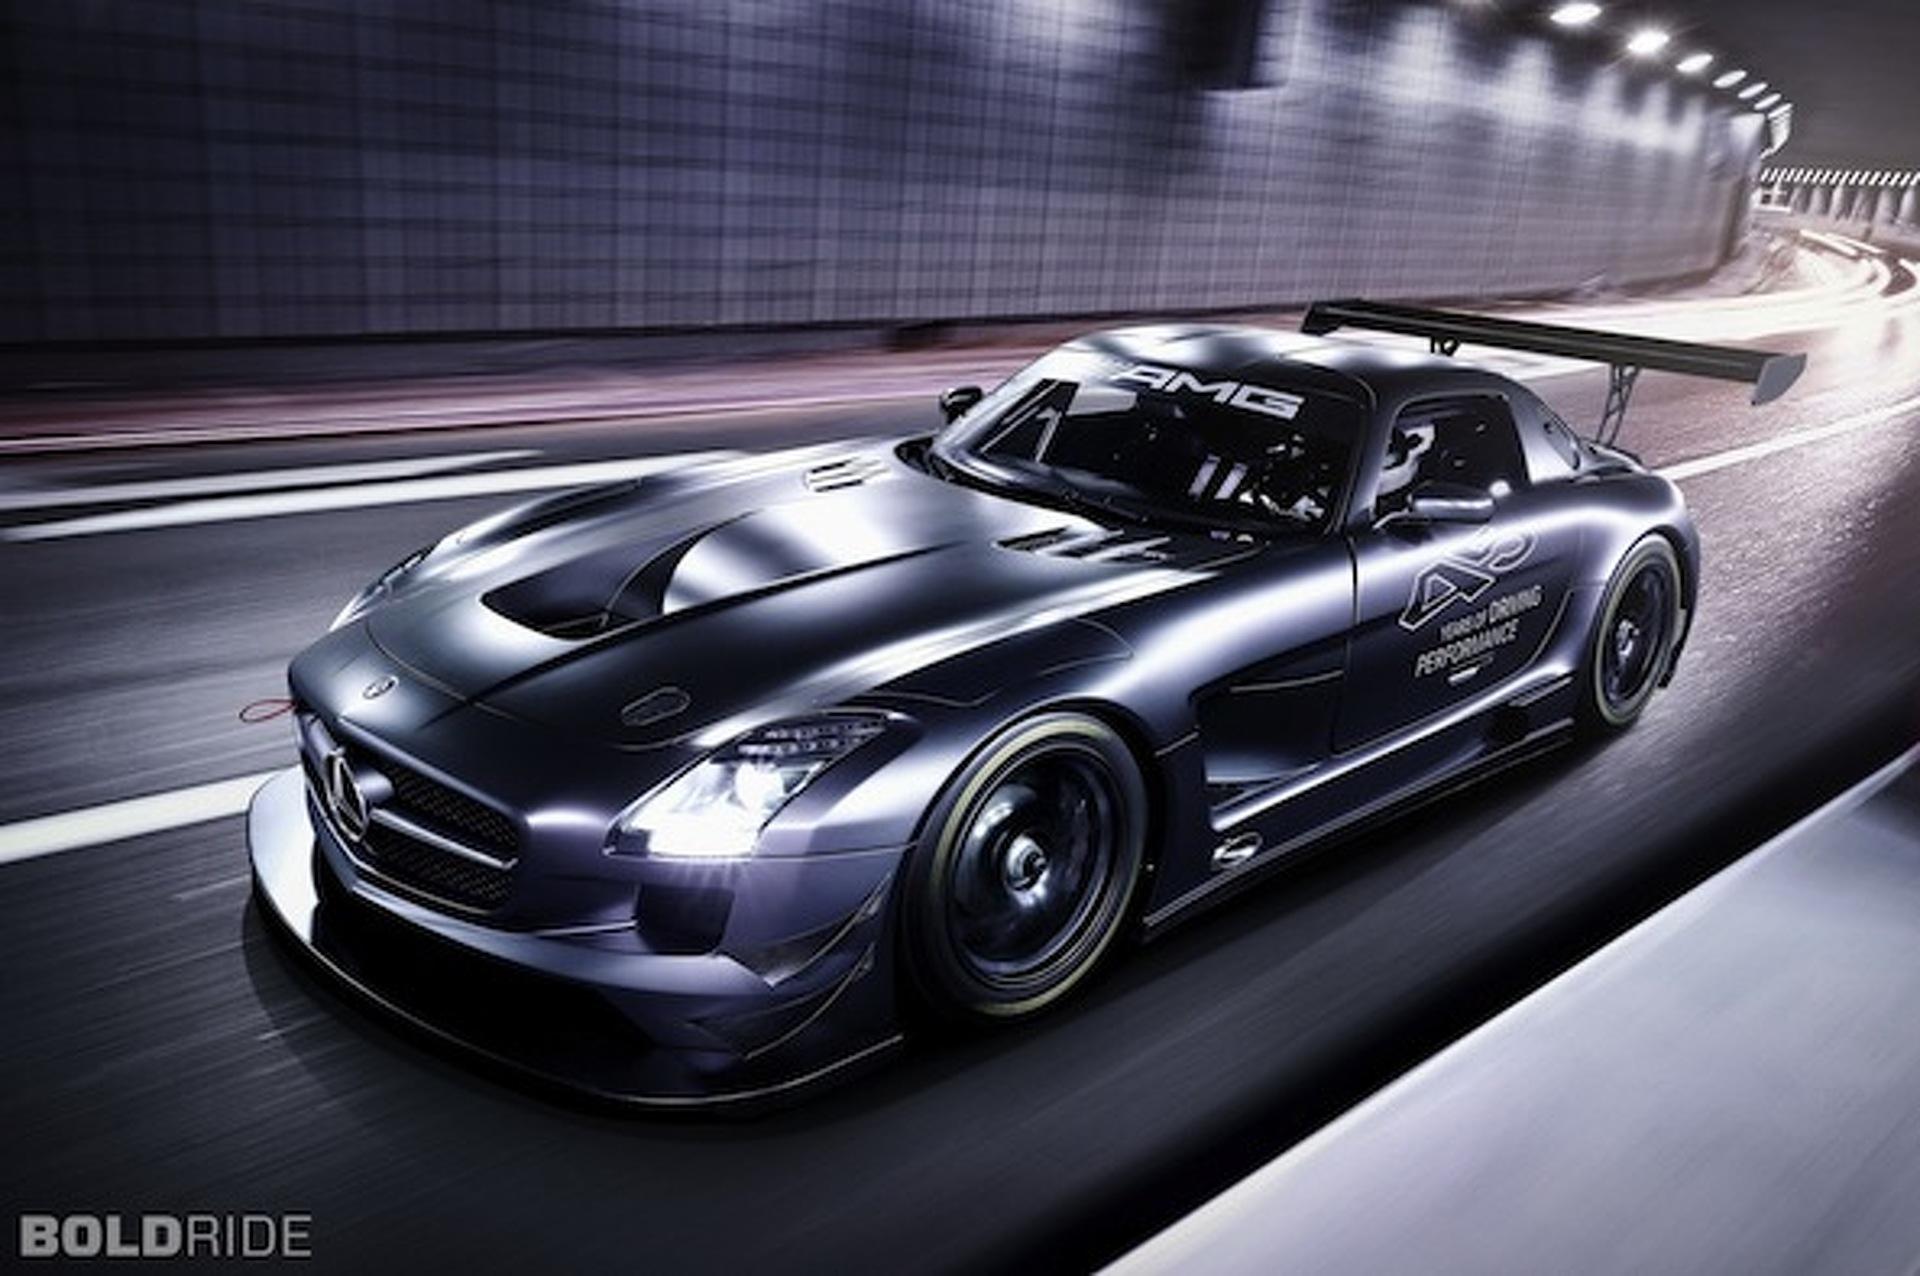 Wheels Wallpaper: 2013 Mercedes-Benz SLS AMG GT3